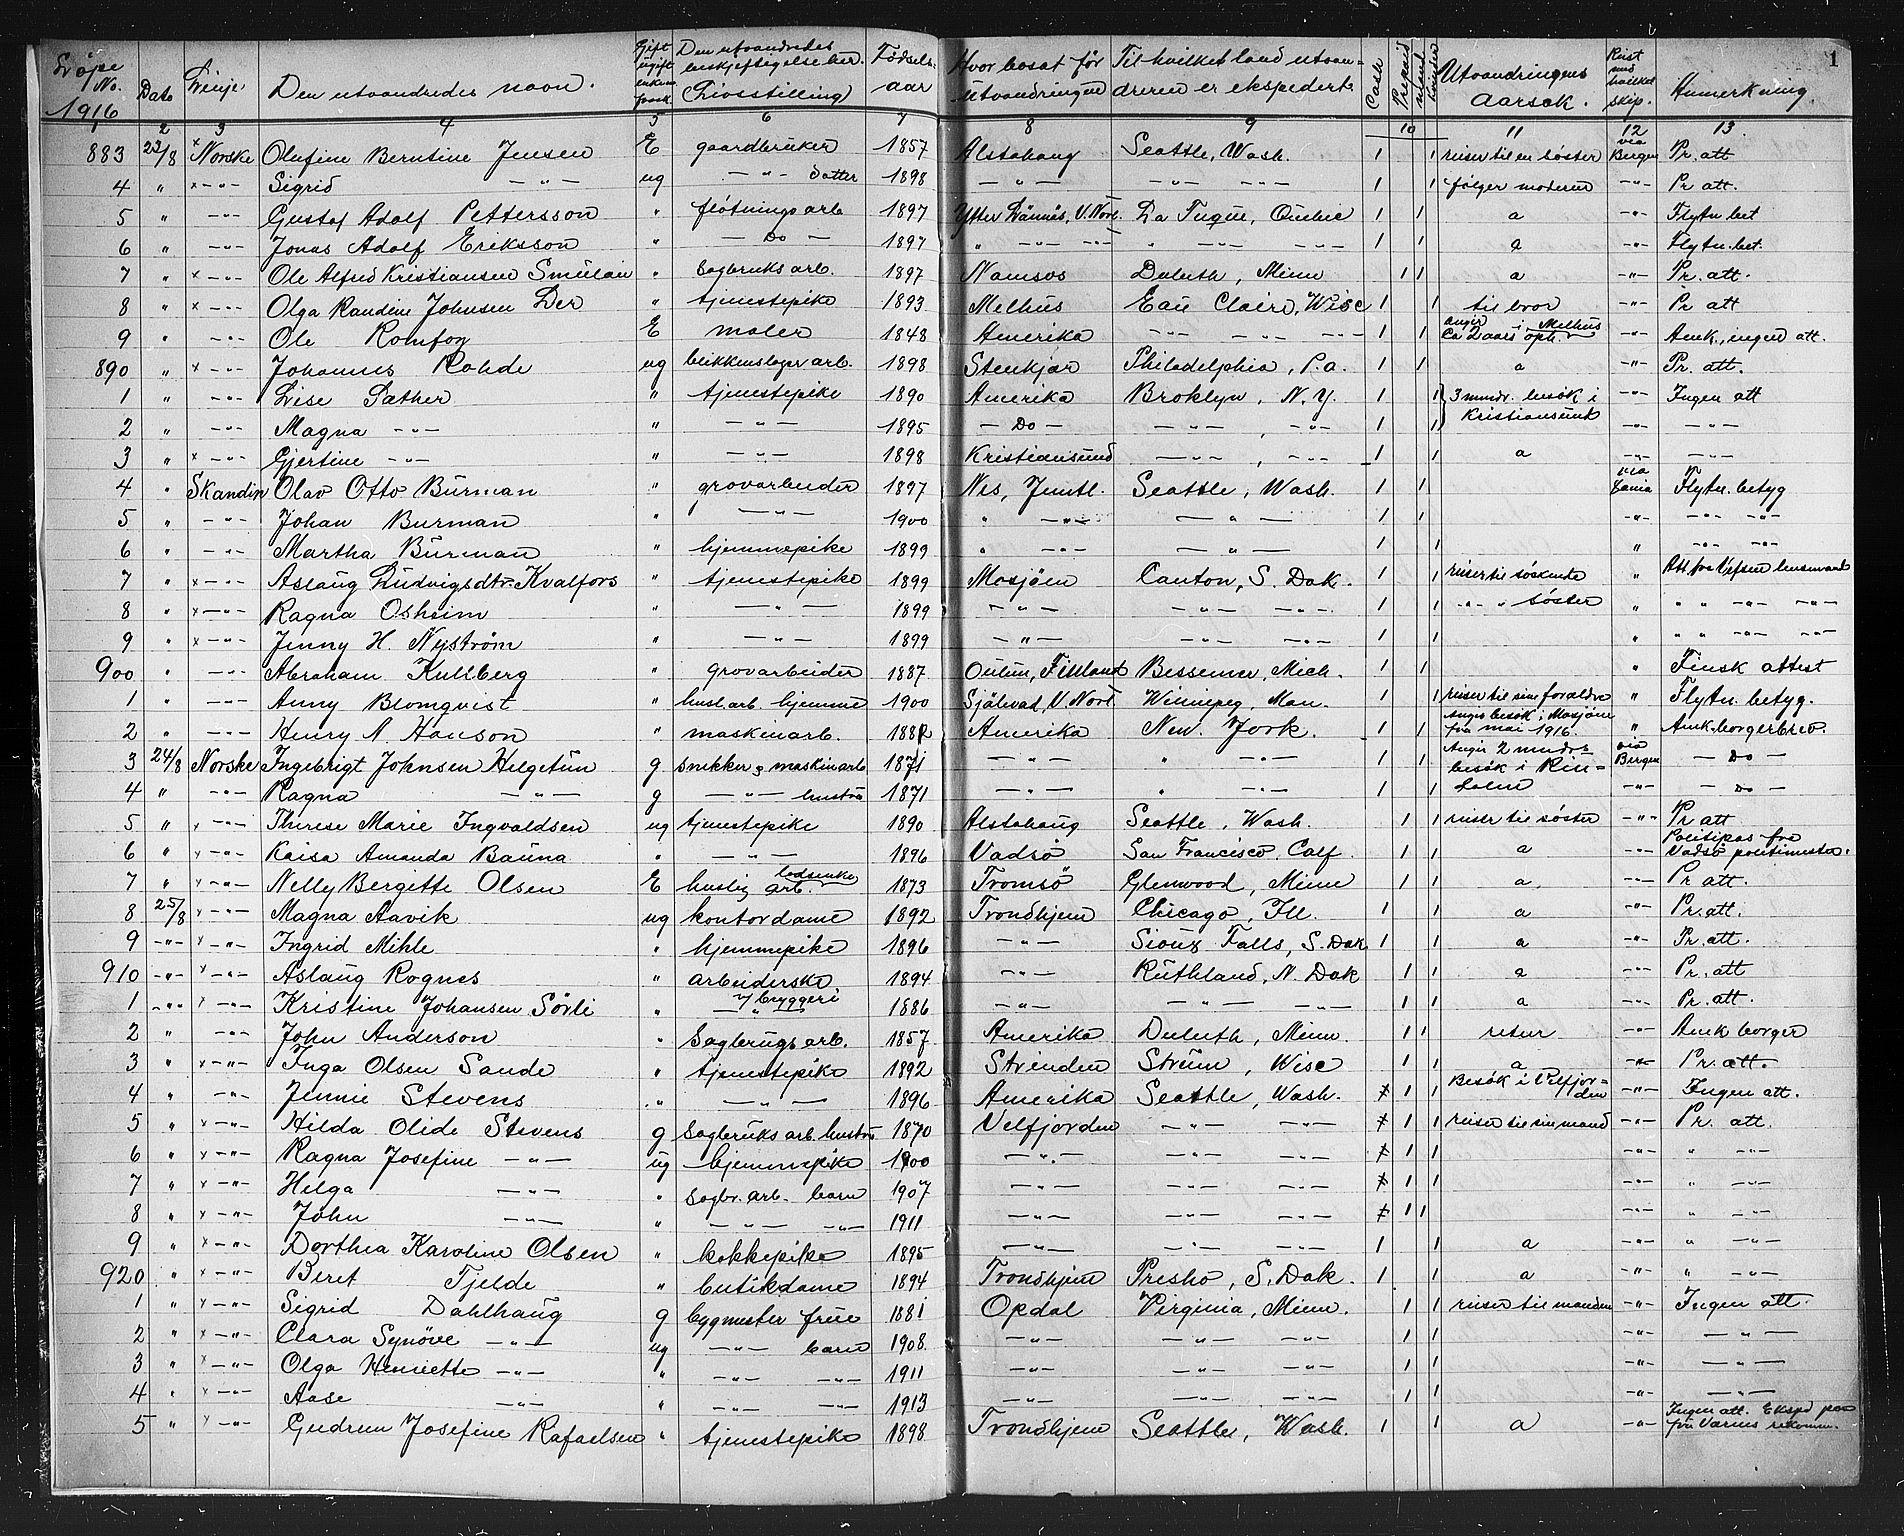 SAT, Trondheim politikammer, 32/L0016: Emigrantprotokoll XV 23.08-10.08, 1916-1926, s. 1